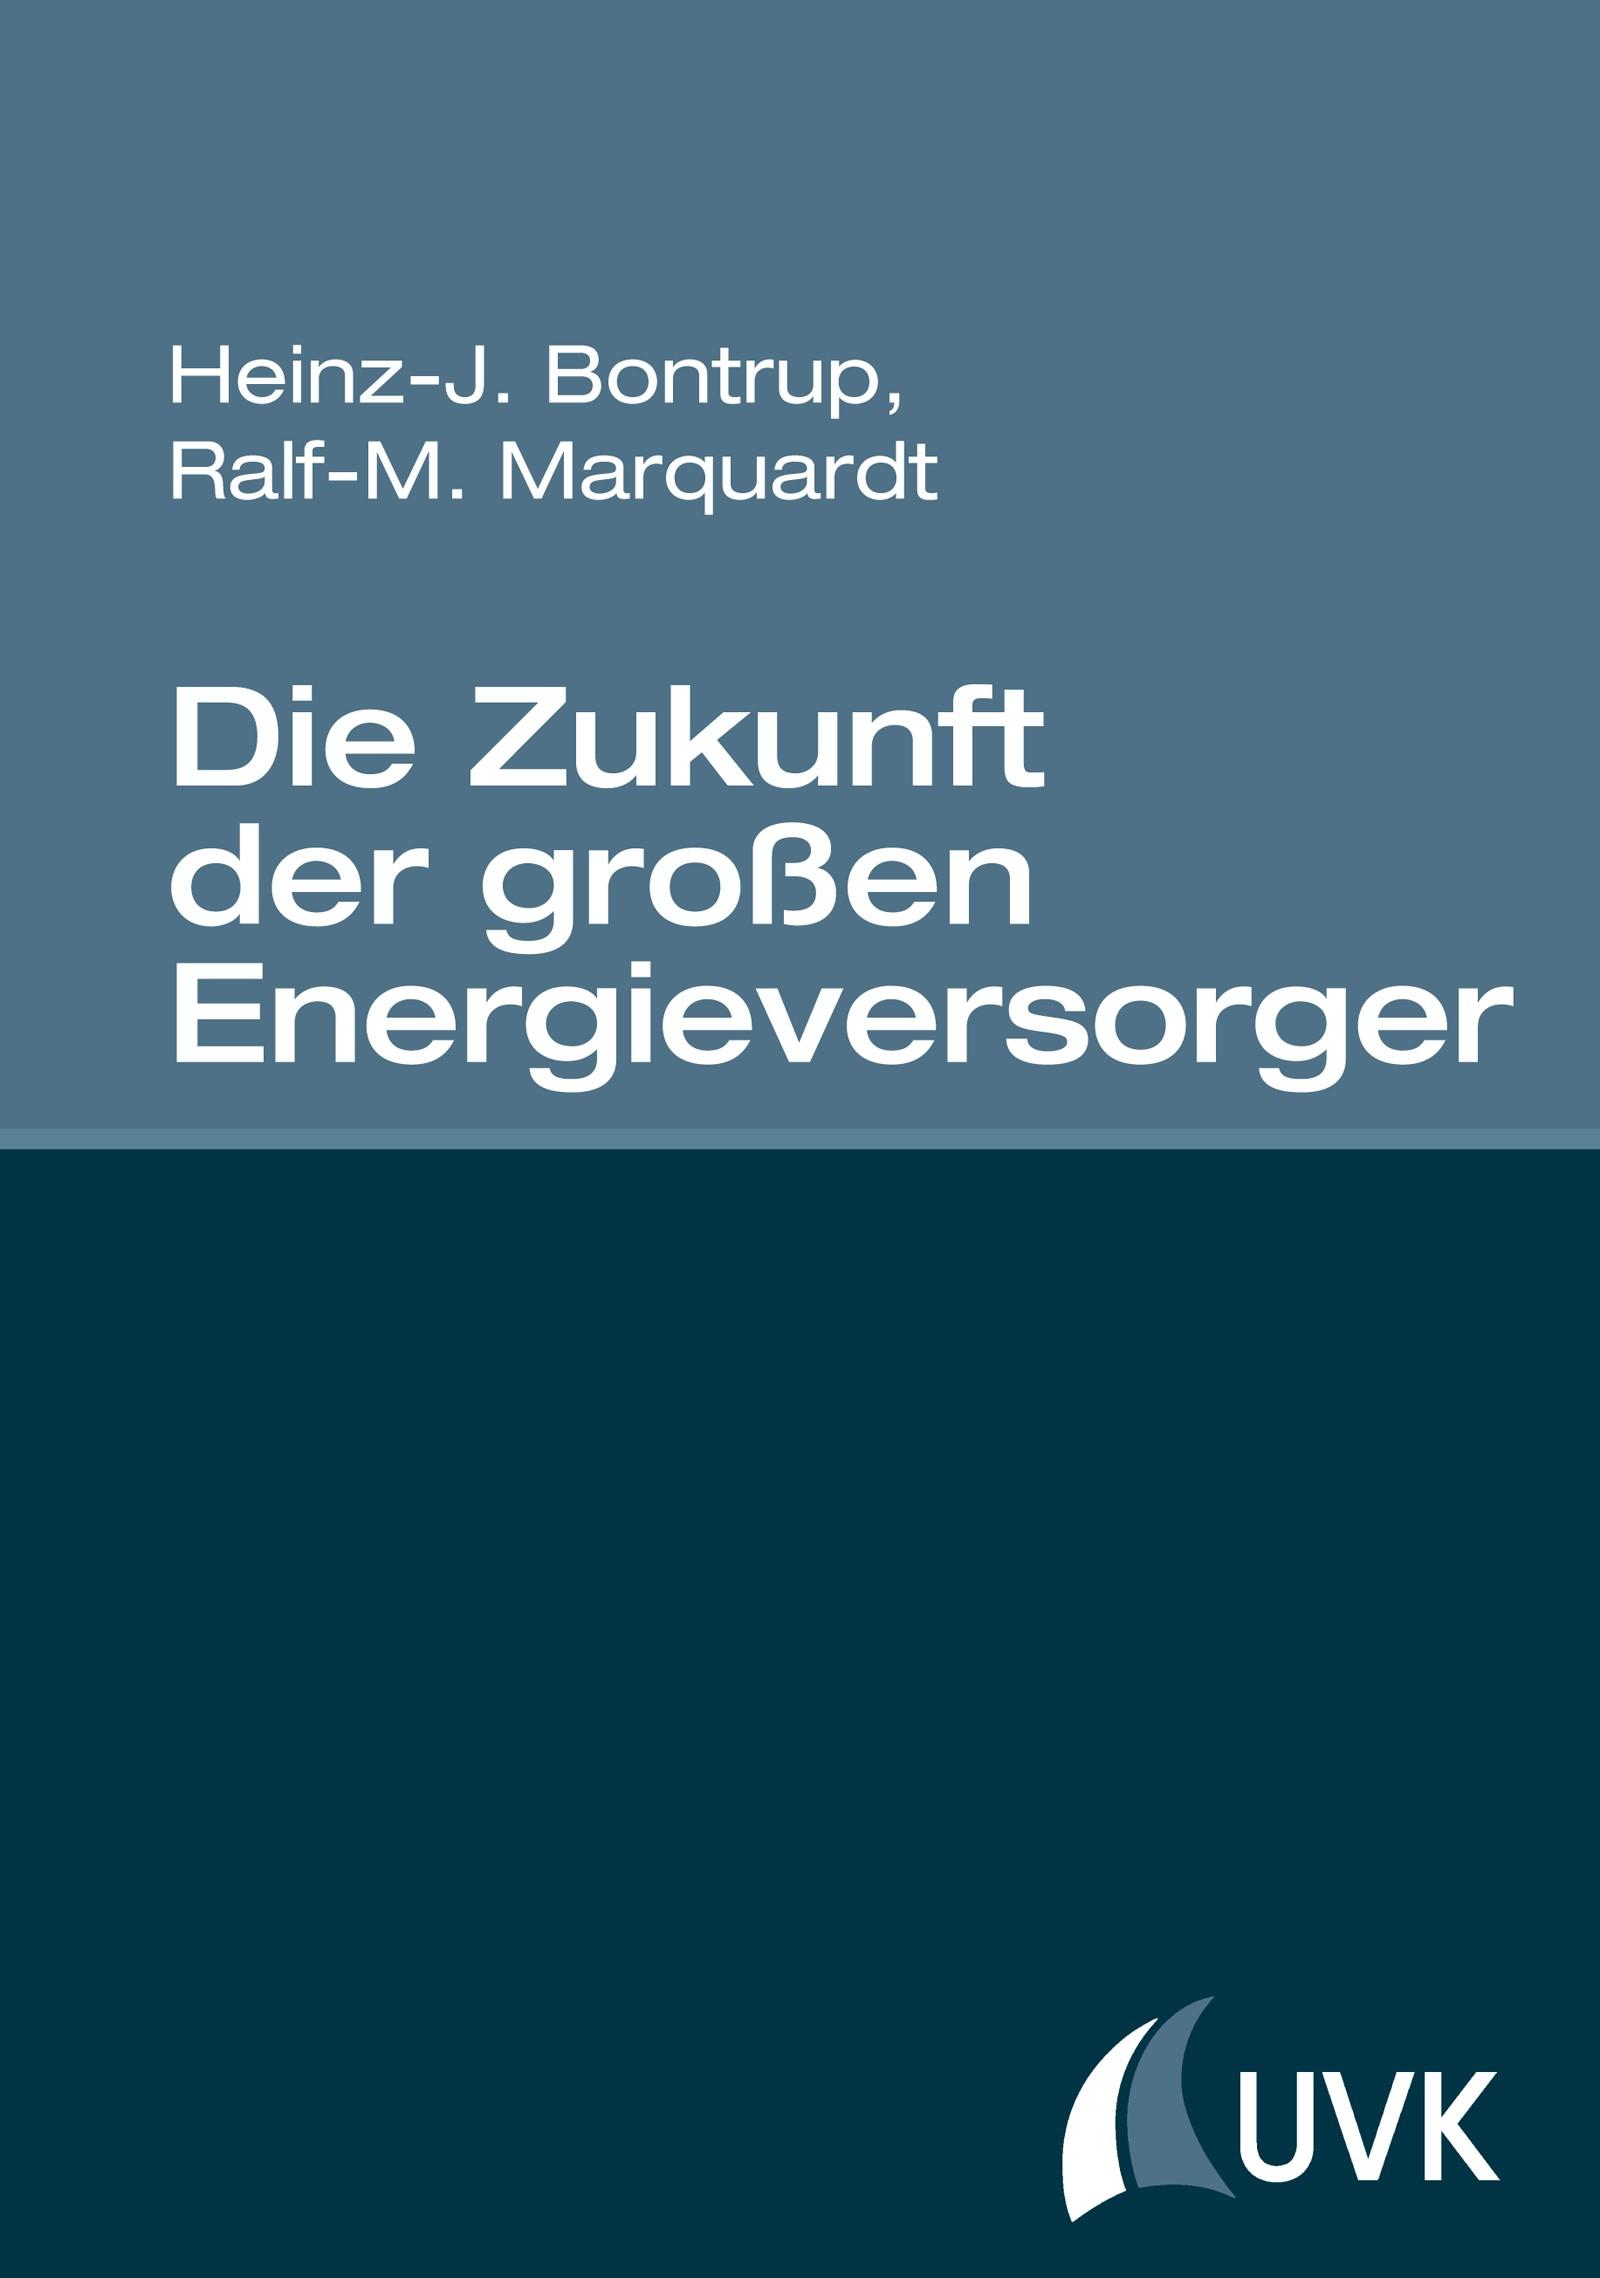 Die Zukunft der großen Energieversorger | Bontrup / Marquardt, 2015 | Buch (Cover)